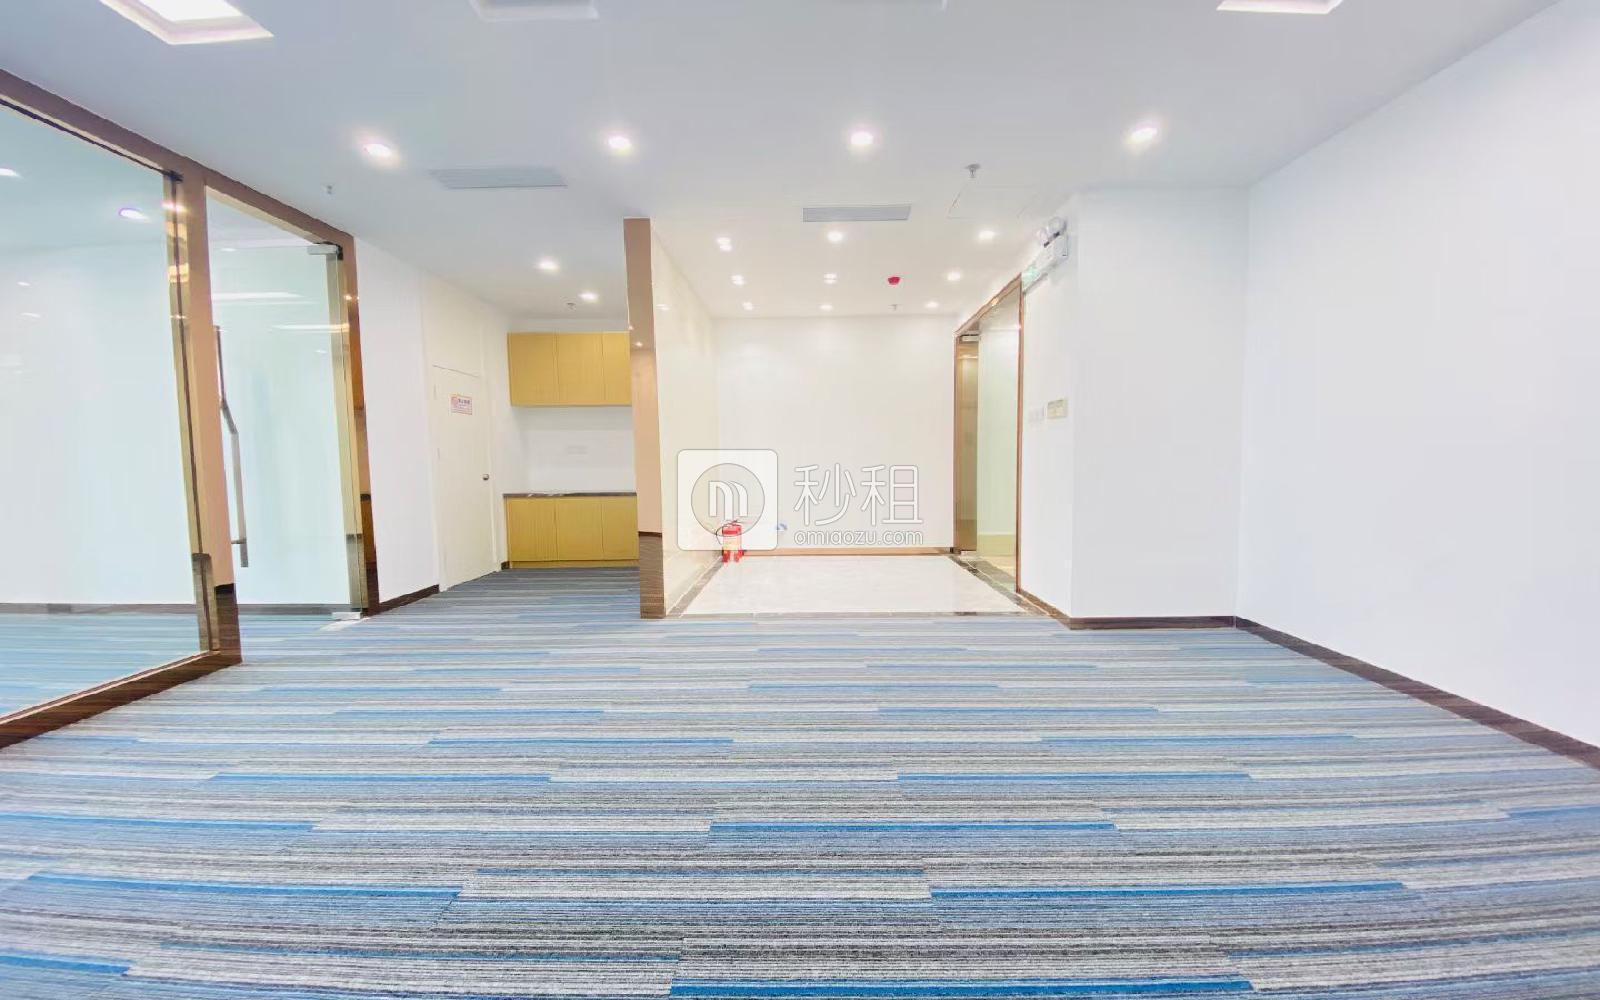 福田-福田中心区 橄榄大厦-深圳平安国际大酒店 110m²